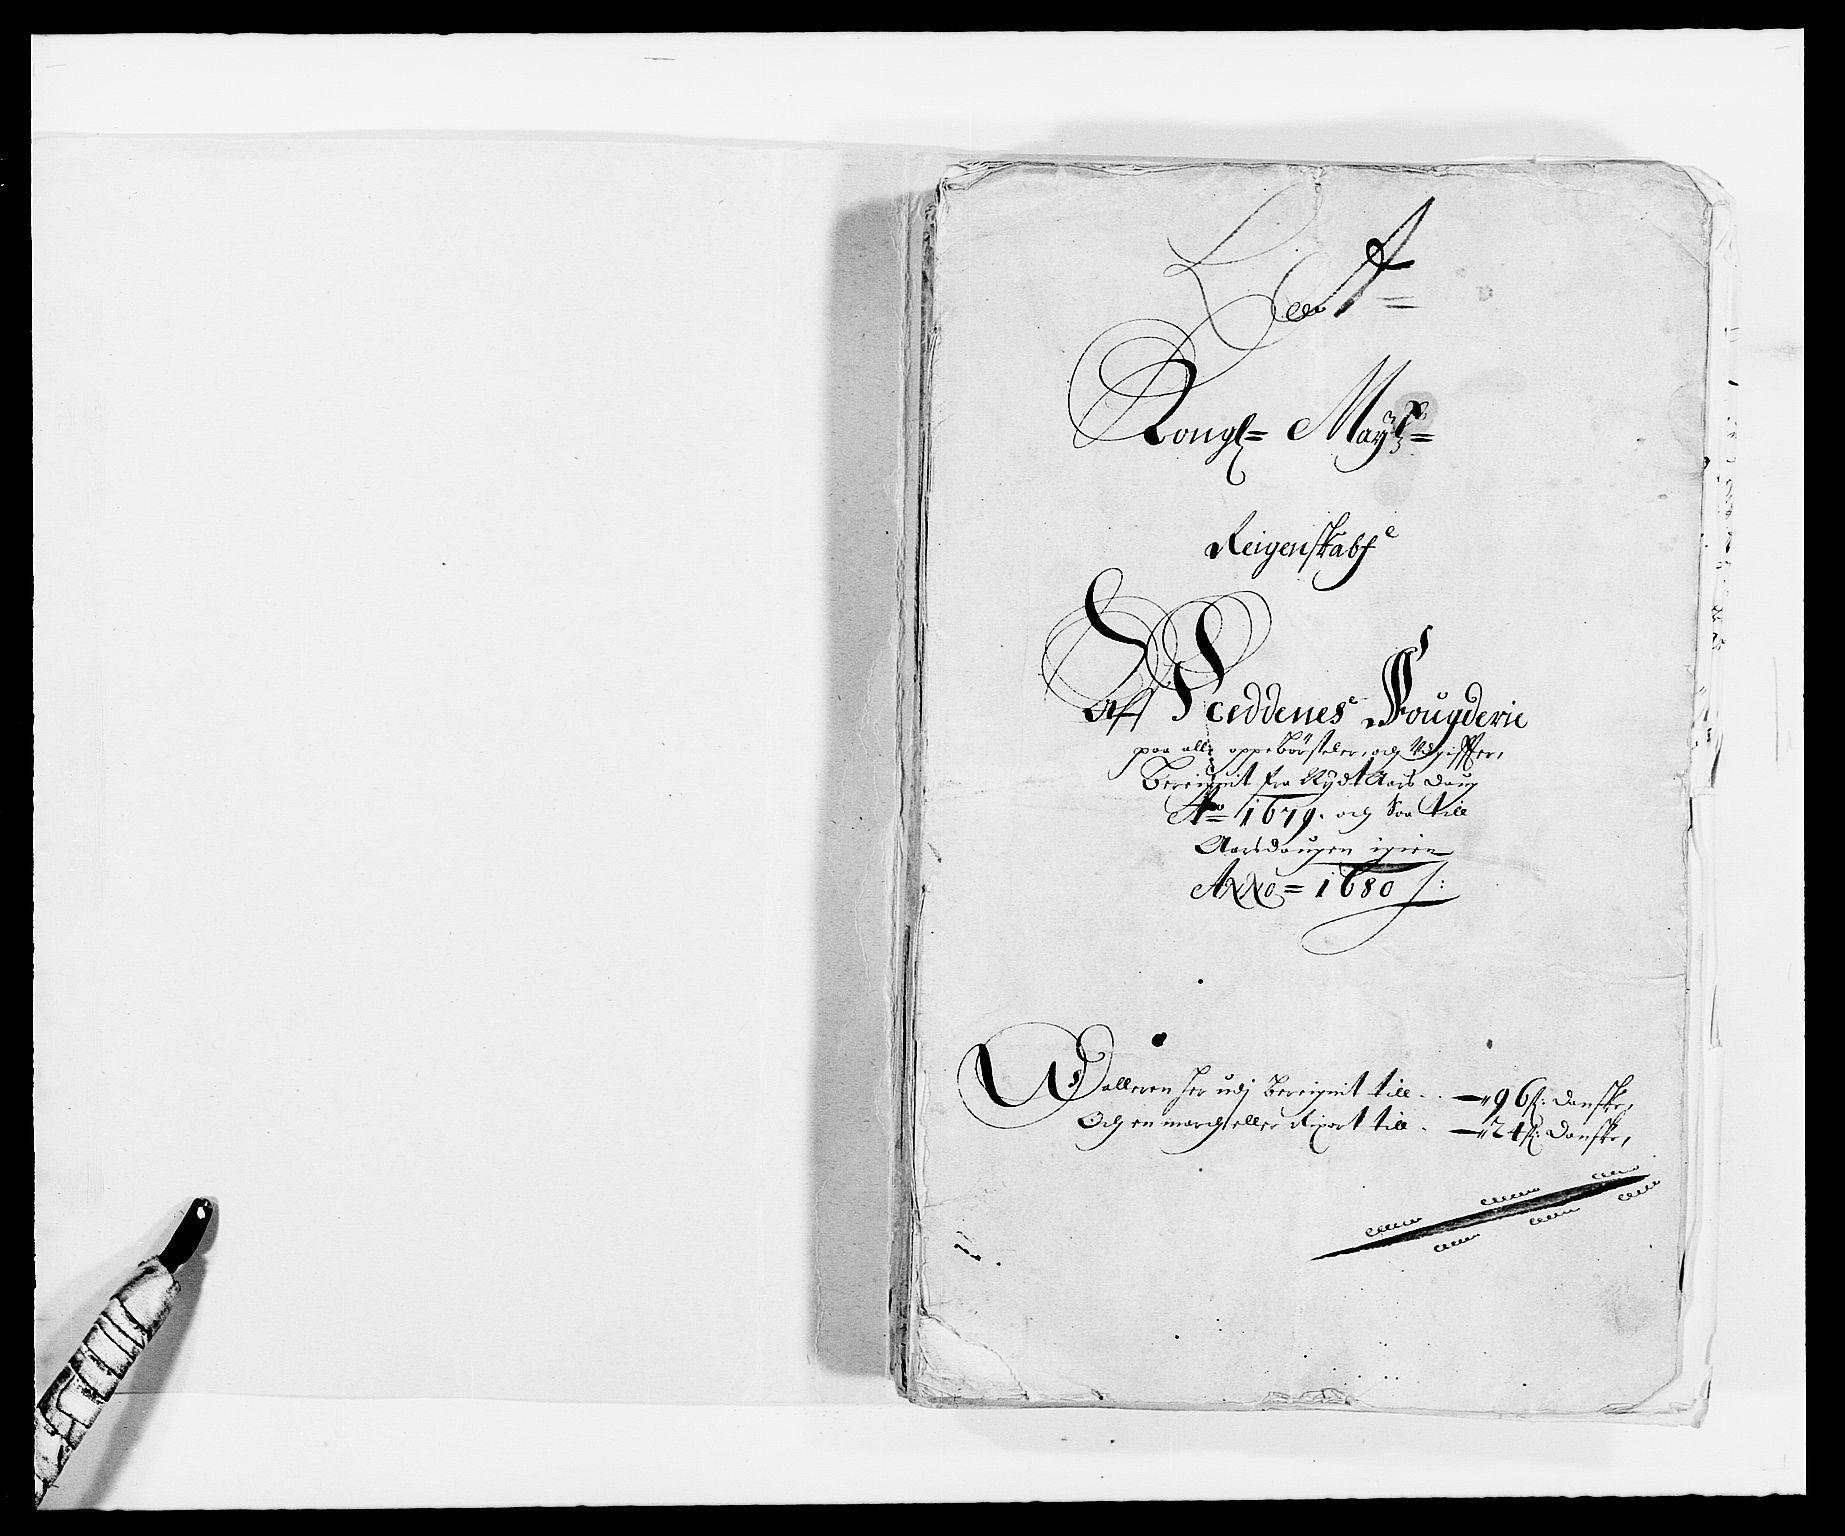 RA, Rentekammeret inntil 1814, Reviderte regnskaper, Fogderegnskap, R39/L2303: Fogderegnskap Nedenes, 1679, s. 2